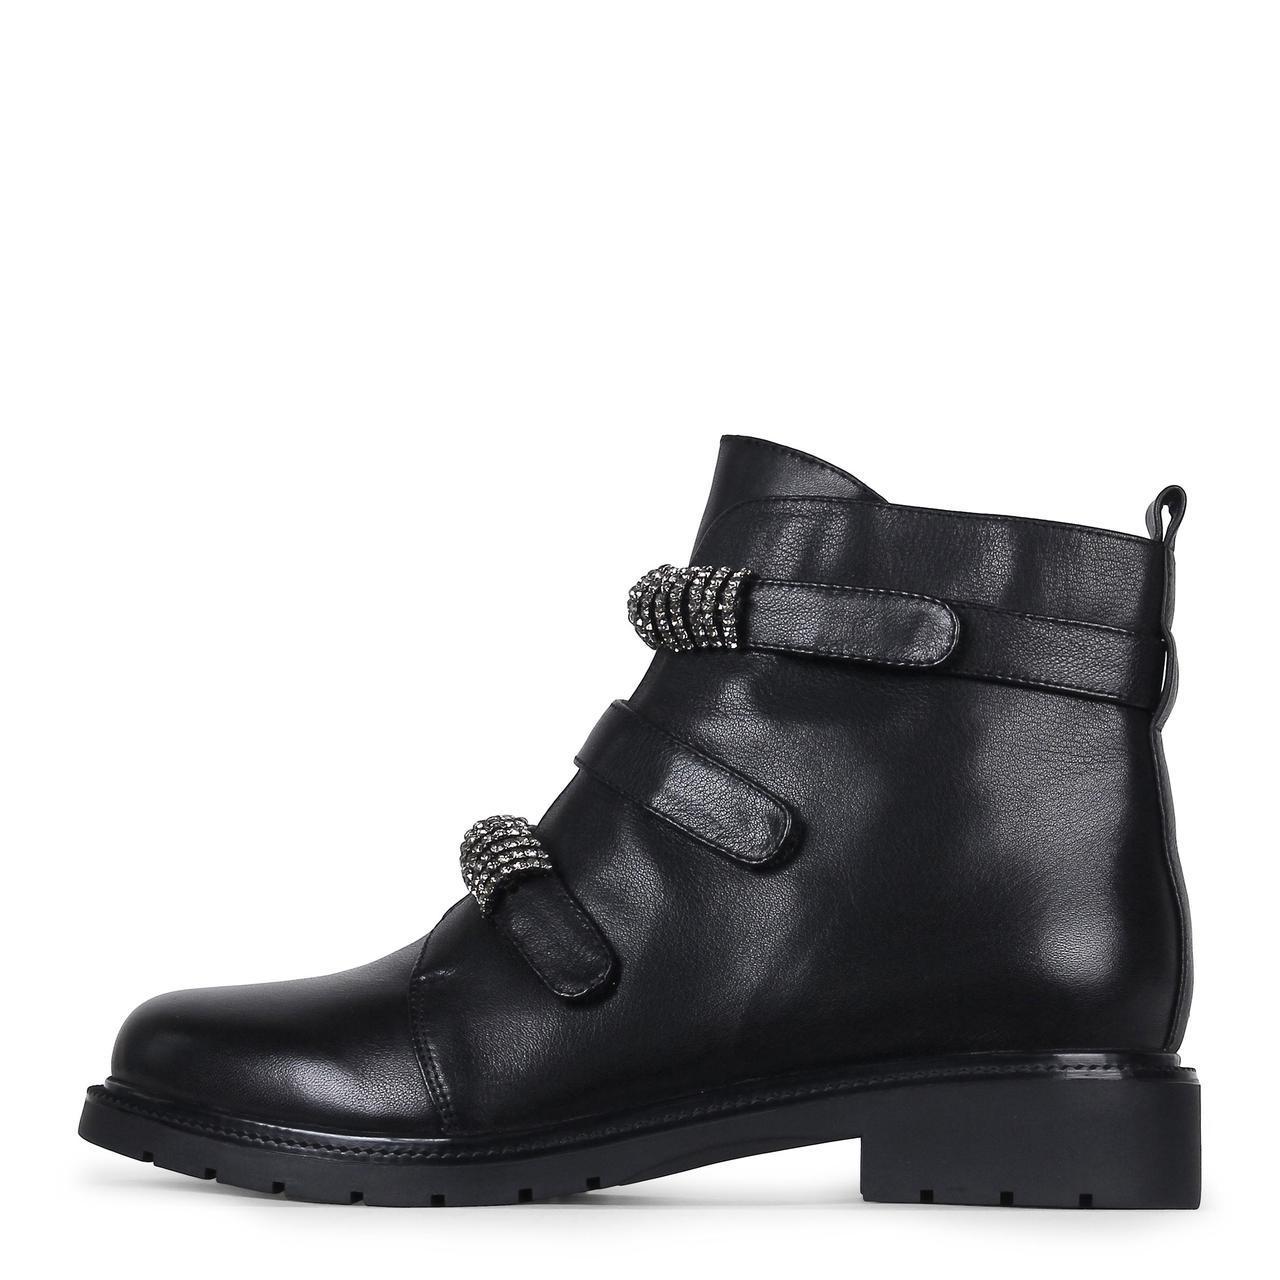 Ботинки Avante (Польша)